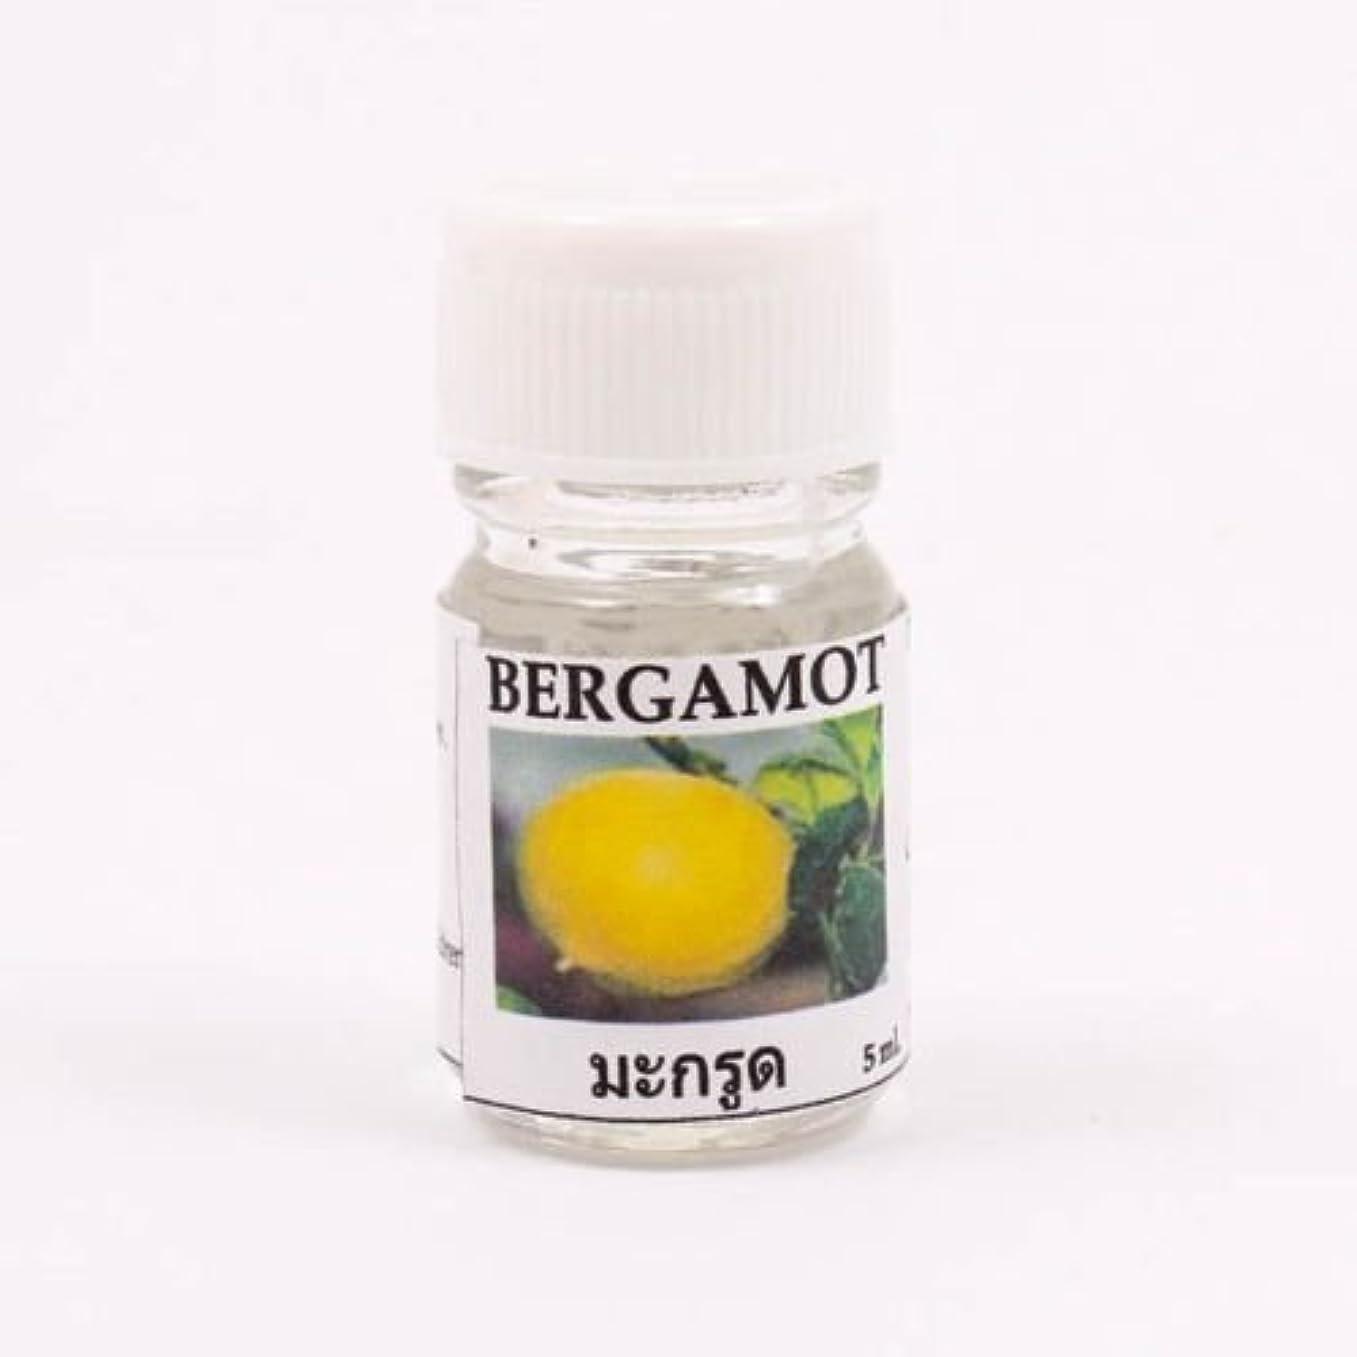 資本徴収参加する6X Bergamot Aroma Fragrance Essential Oil 5ML (cc) Diffuser Burner Therapy